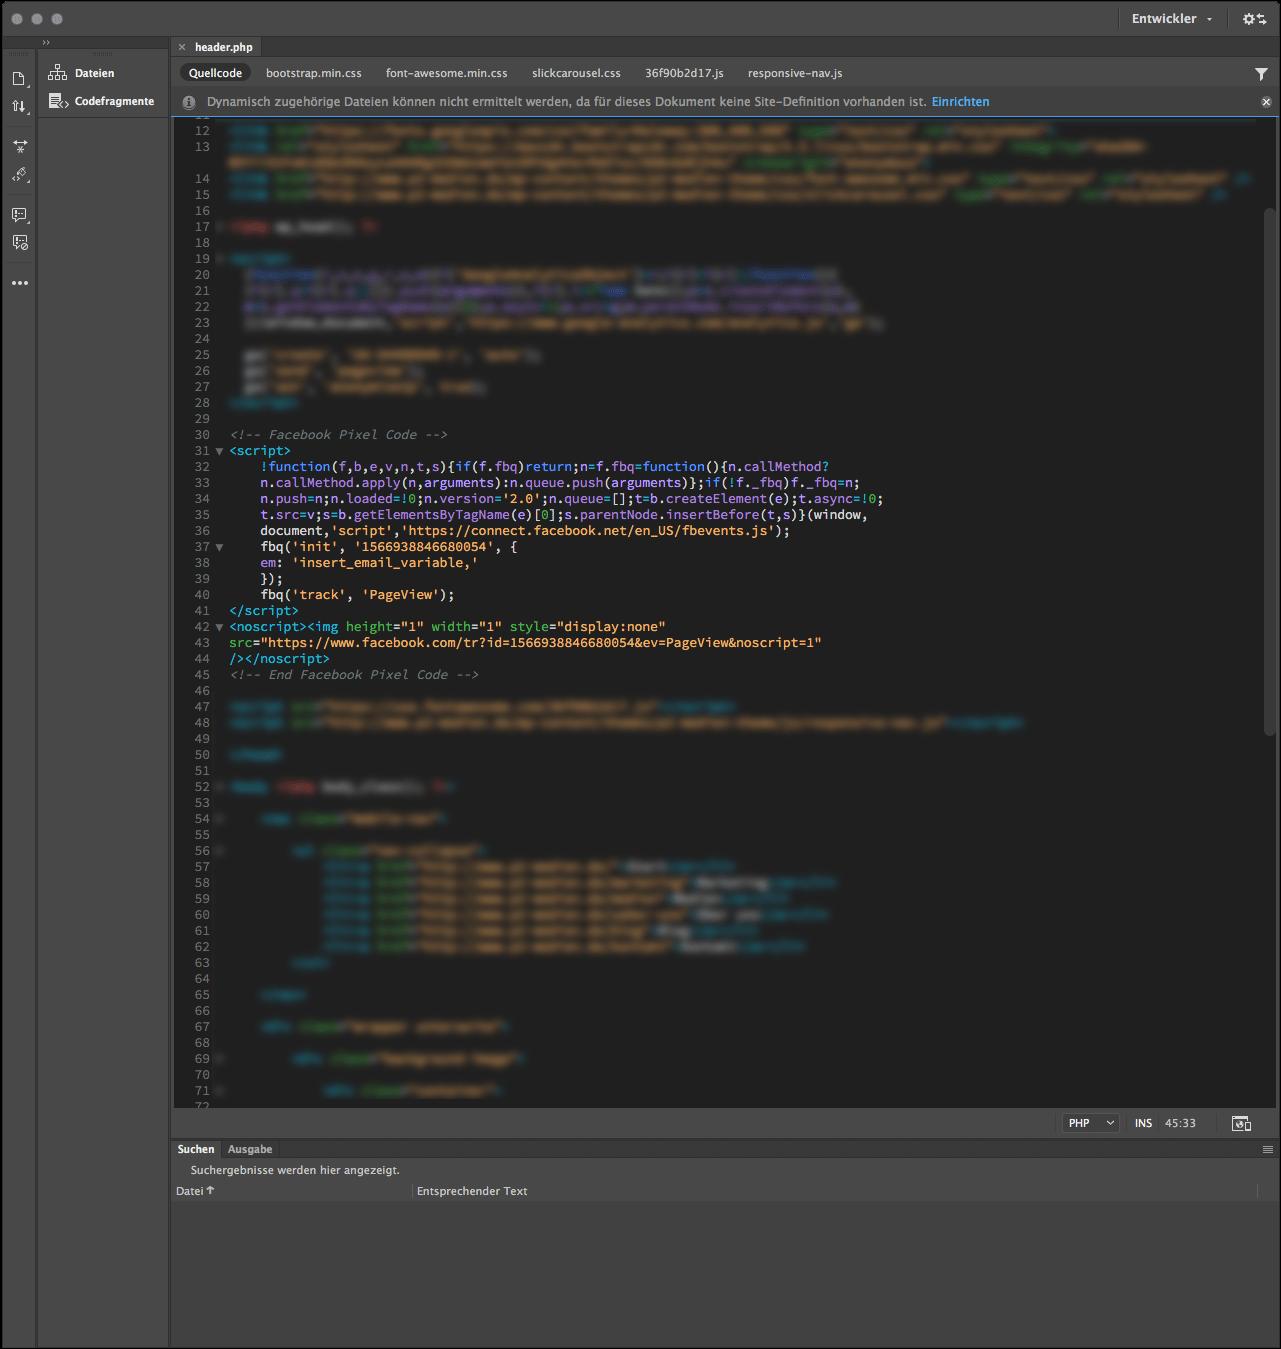 So sieht der Quellcode zum Facebook-Pixel aus.